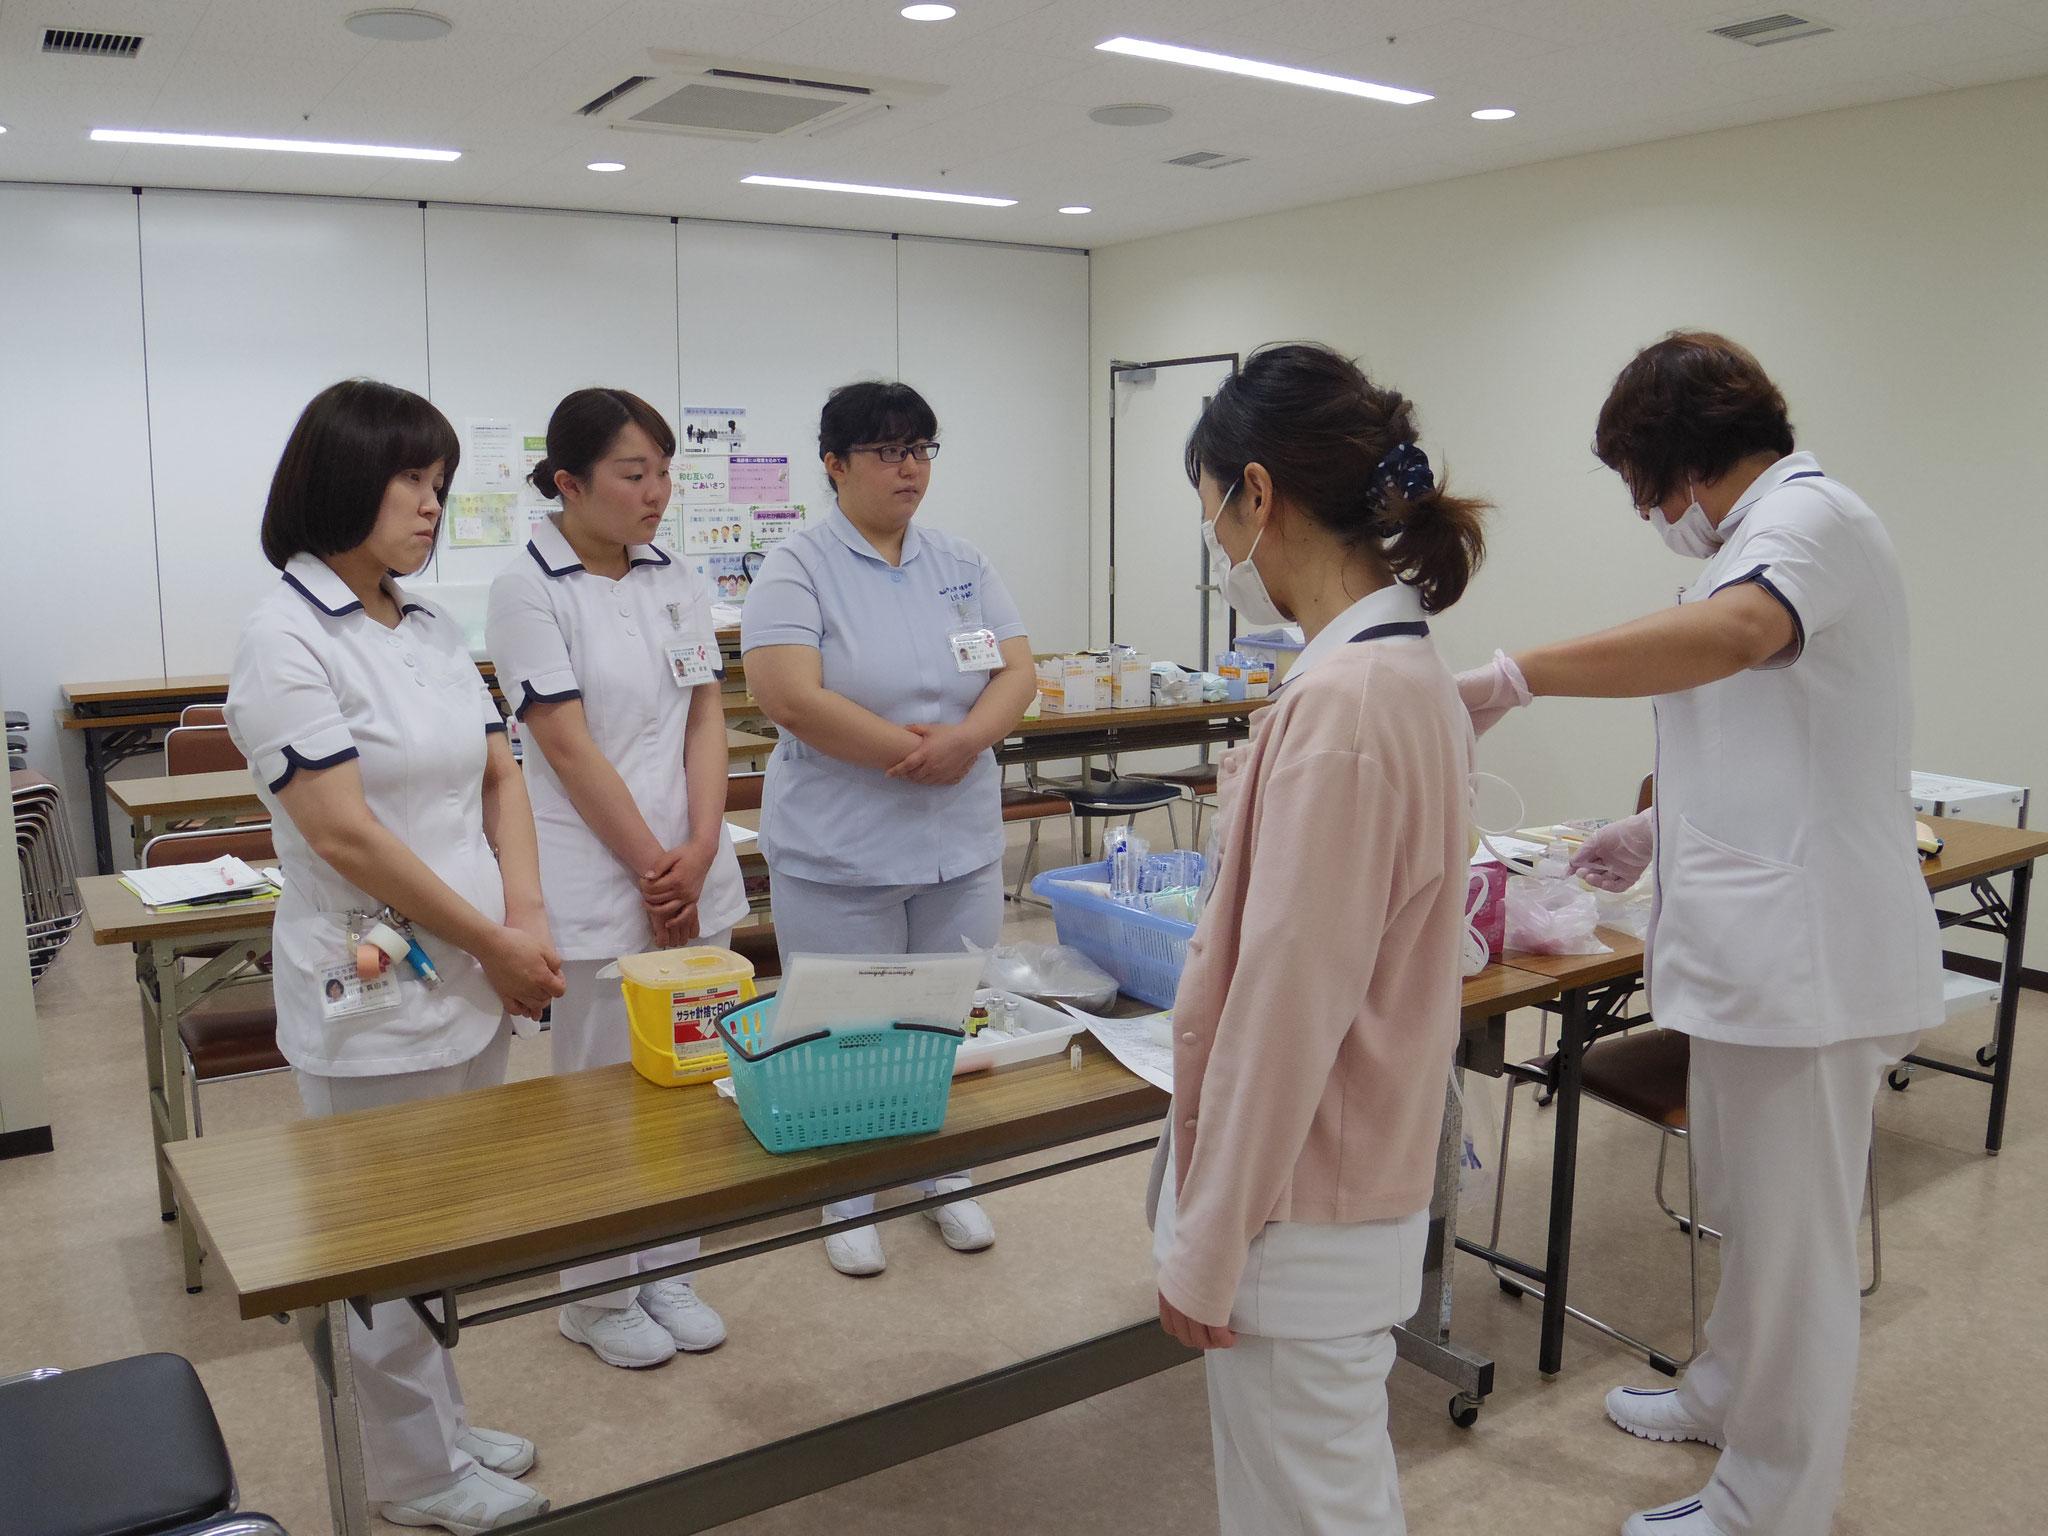 【新採用看護師研修】注射についてまず先輩から説明。見るだけでもドキドキ